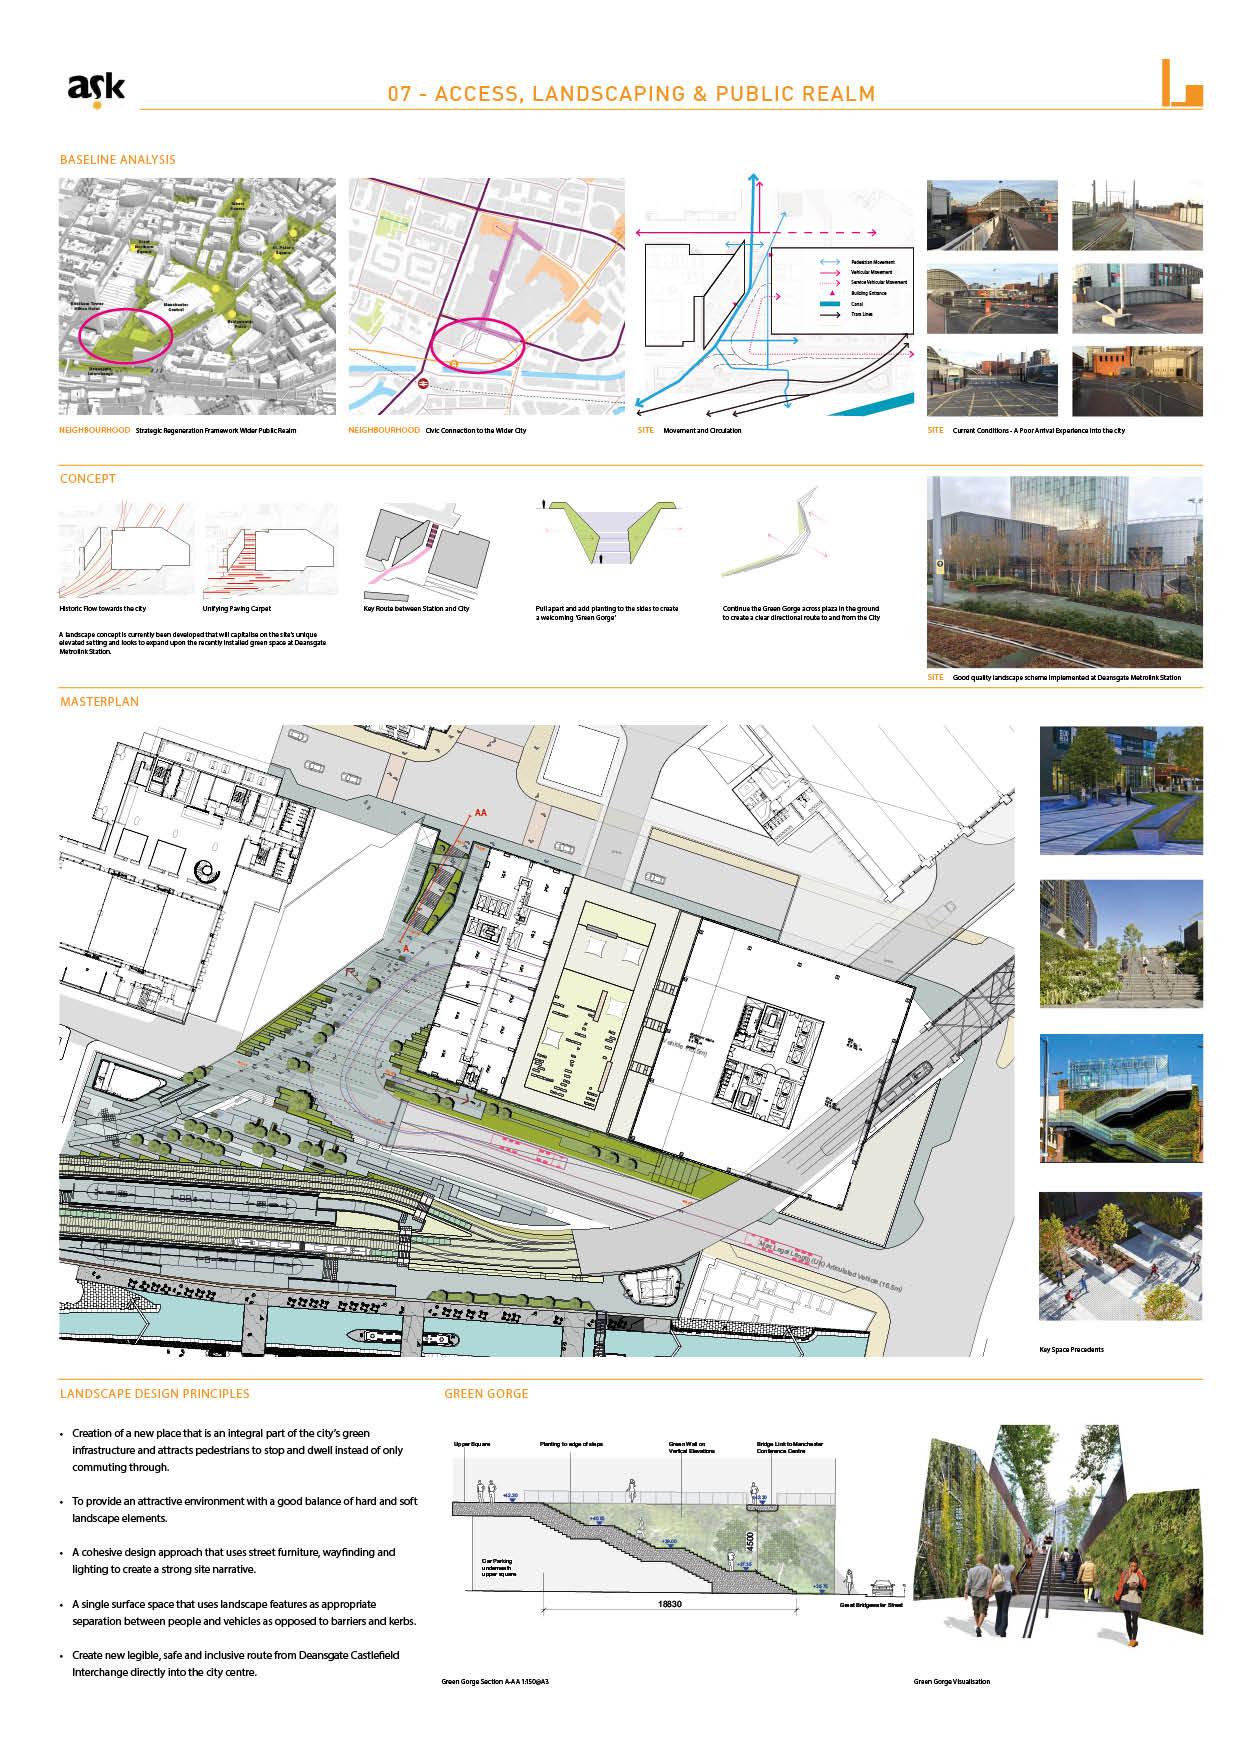 bauer_millet_consultation7.jpg